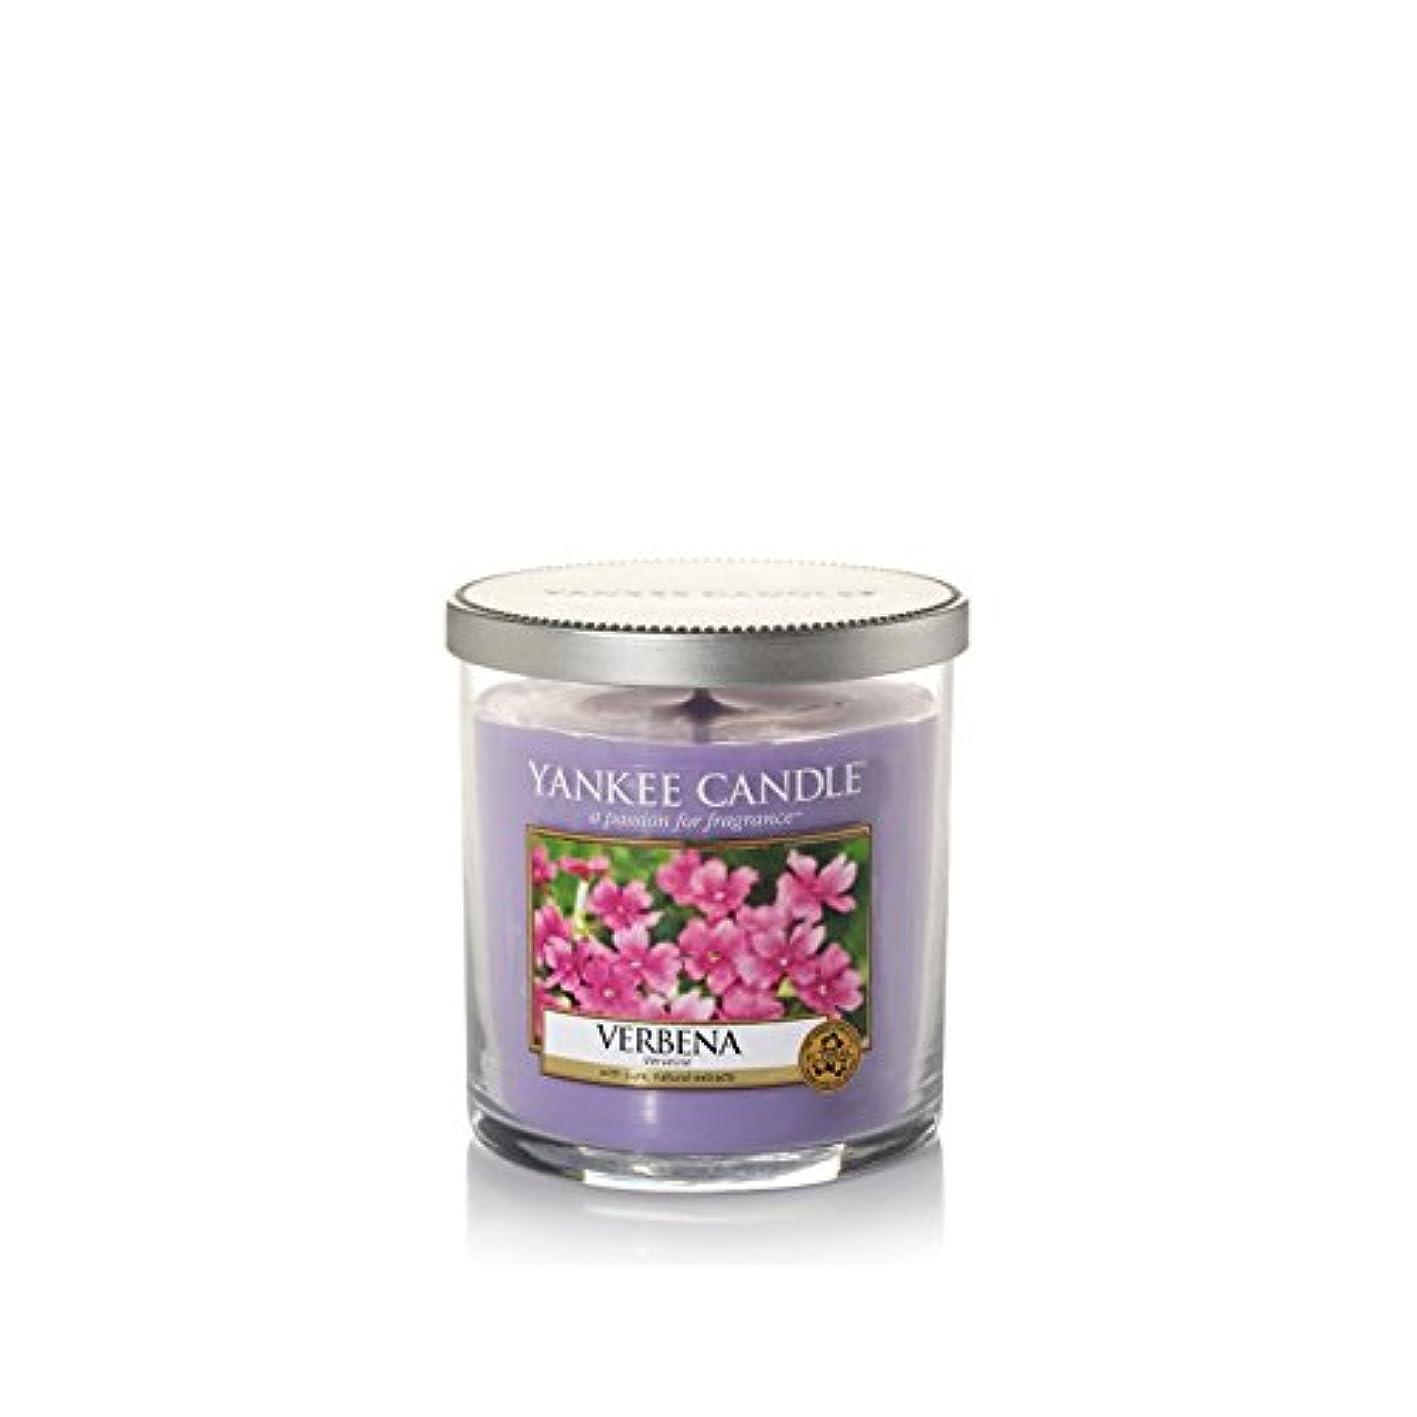 グローバル研磨剤ロンドンヤンキーキャンドルの小さな柱キャンドル - バーベナ - Yankee Candles Small Pillar Candle - Verbena (Yankee Candles) [並行輸入品]